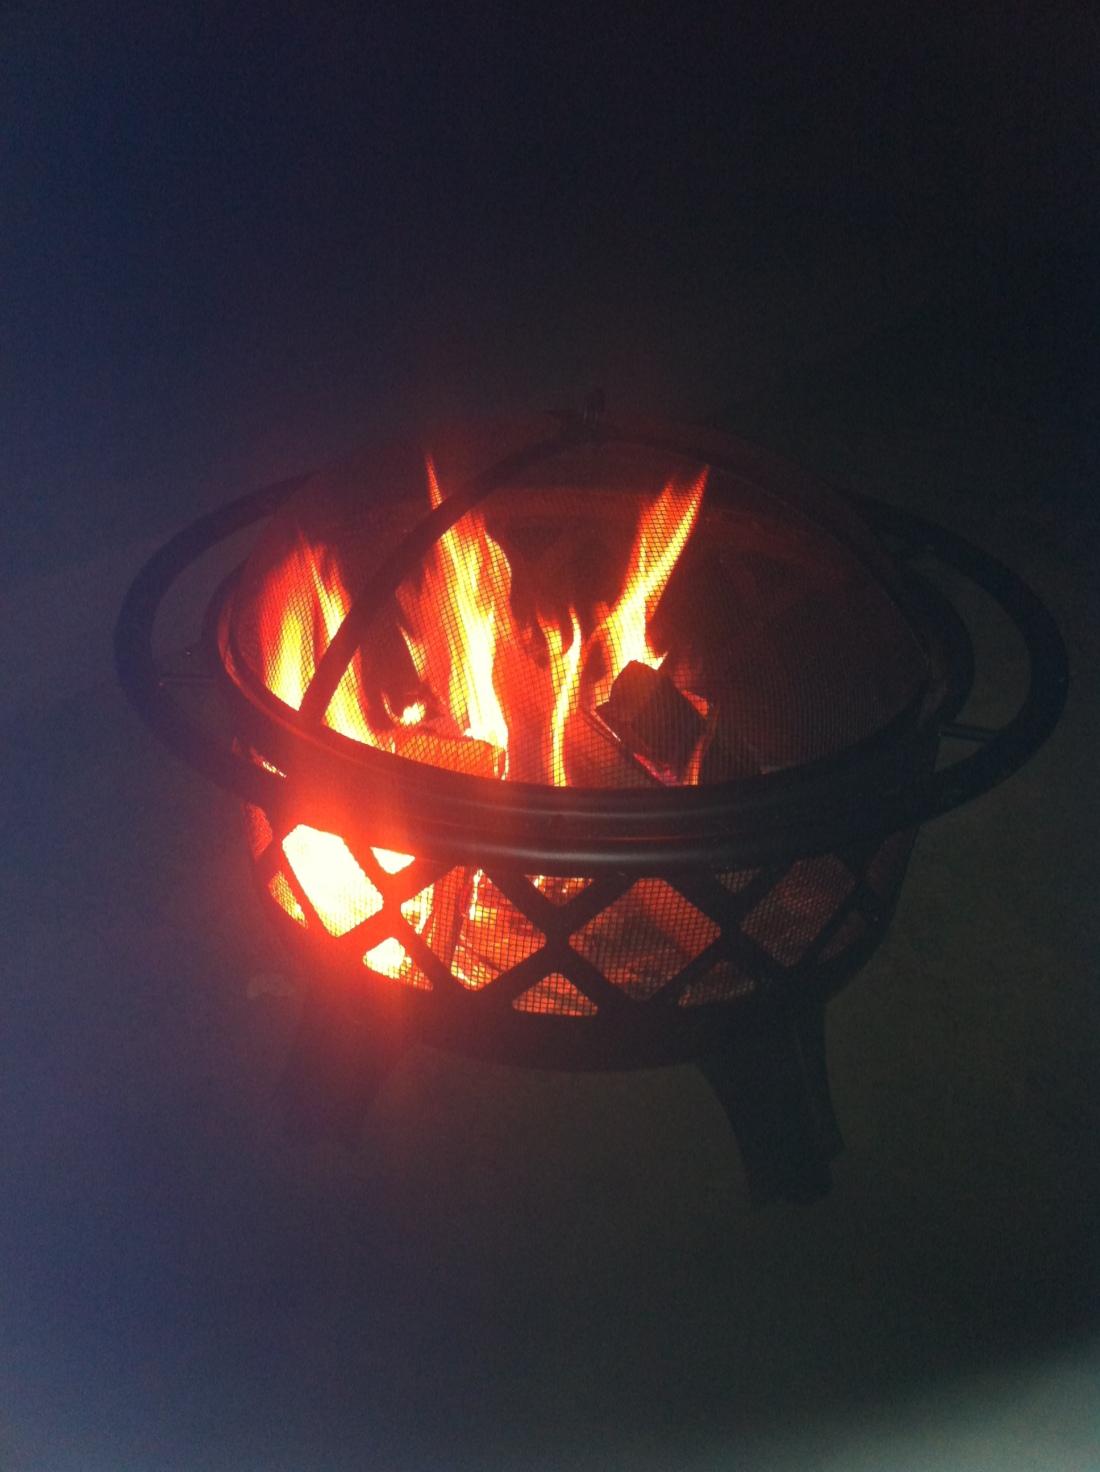 Dad got a fire pit